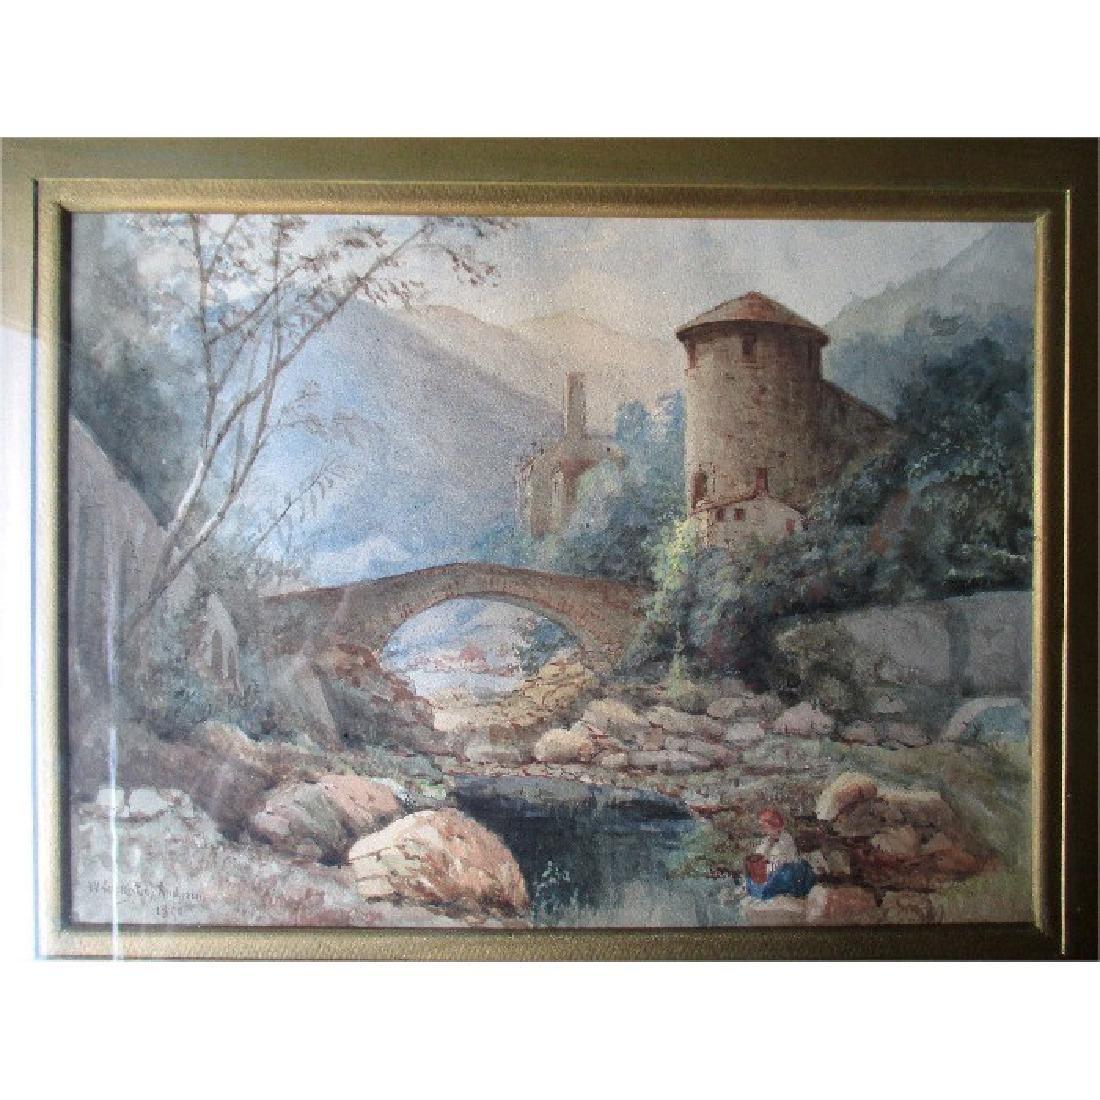 Original Watercolor Landscape Painting - W. Livingstone